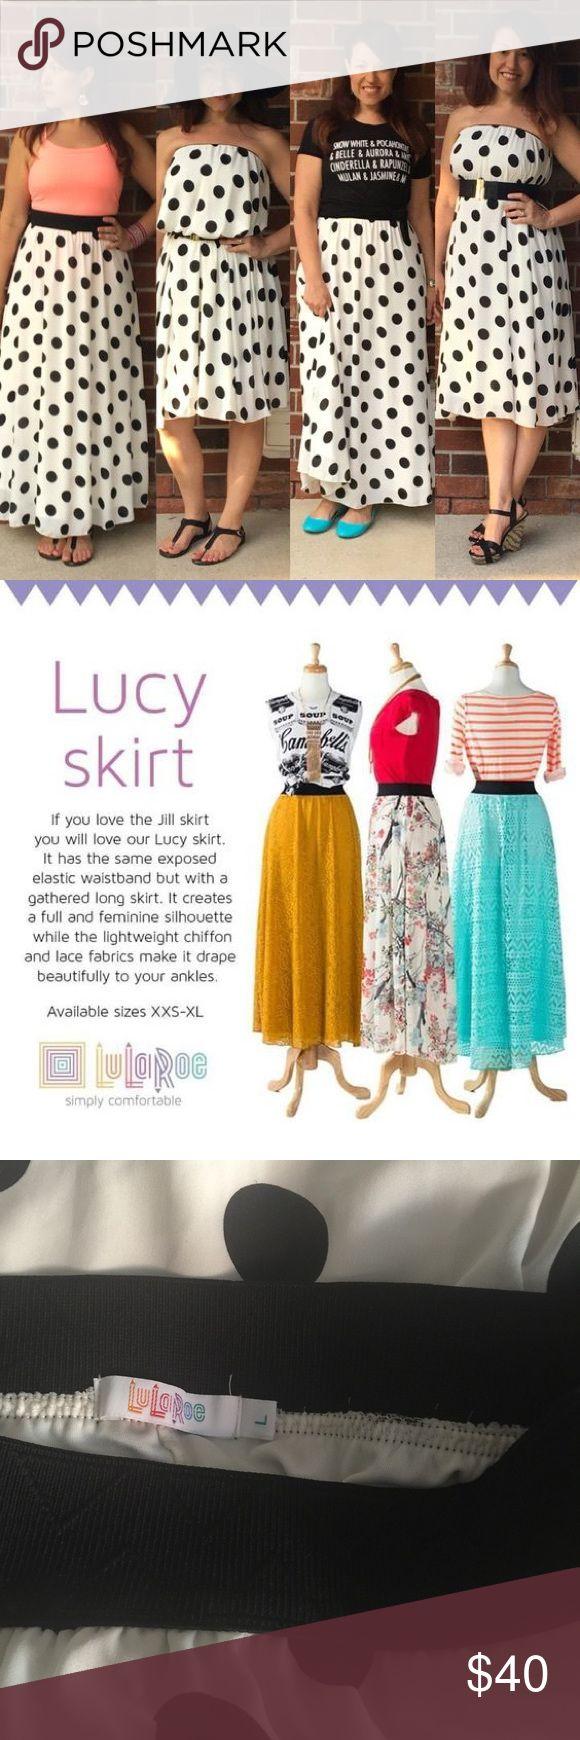 Polka Dot LulaRoe Lucy Skirt Black and white polka dot LulaRoe Lucy Skirt.  Great used condition. Size XL LuLaRoe Skirts Maxi